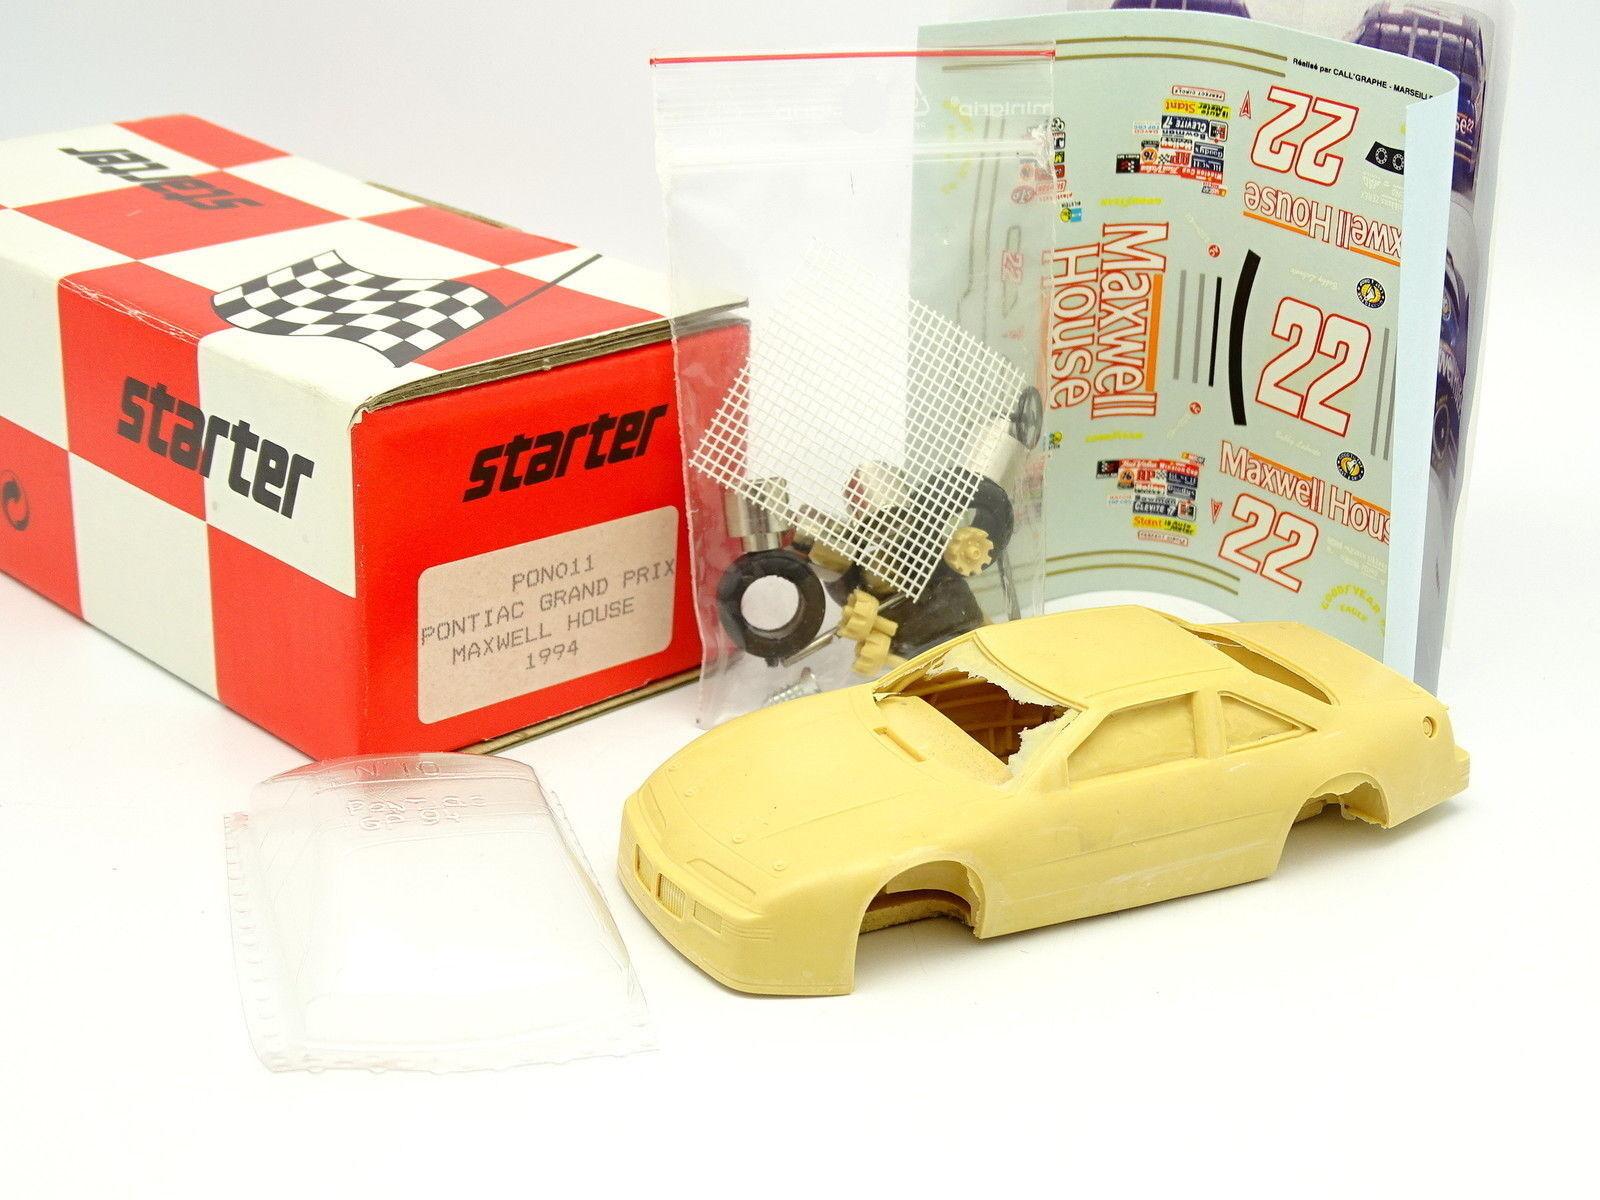 Kit De Inicio para montar 1 43 - Pontiac Grand Prix Maxwell House Nascar 1994